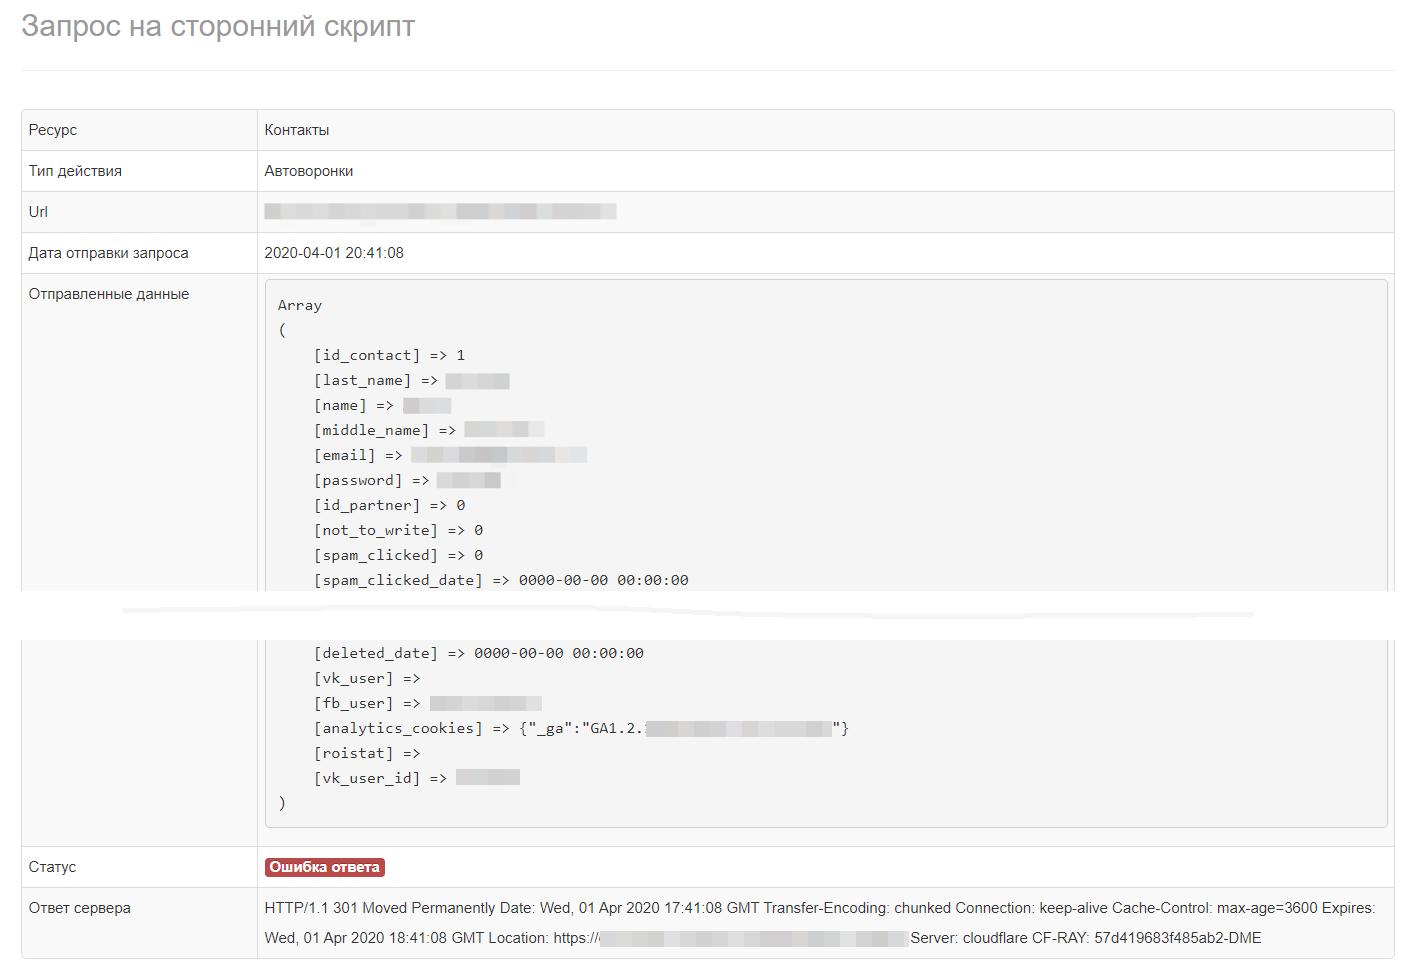 Логирование отправляемых веб хуков в АвтоВоронках продаж